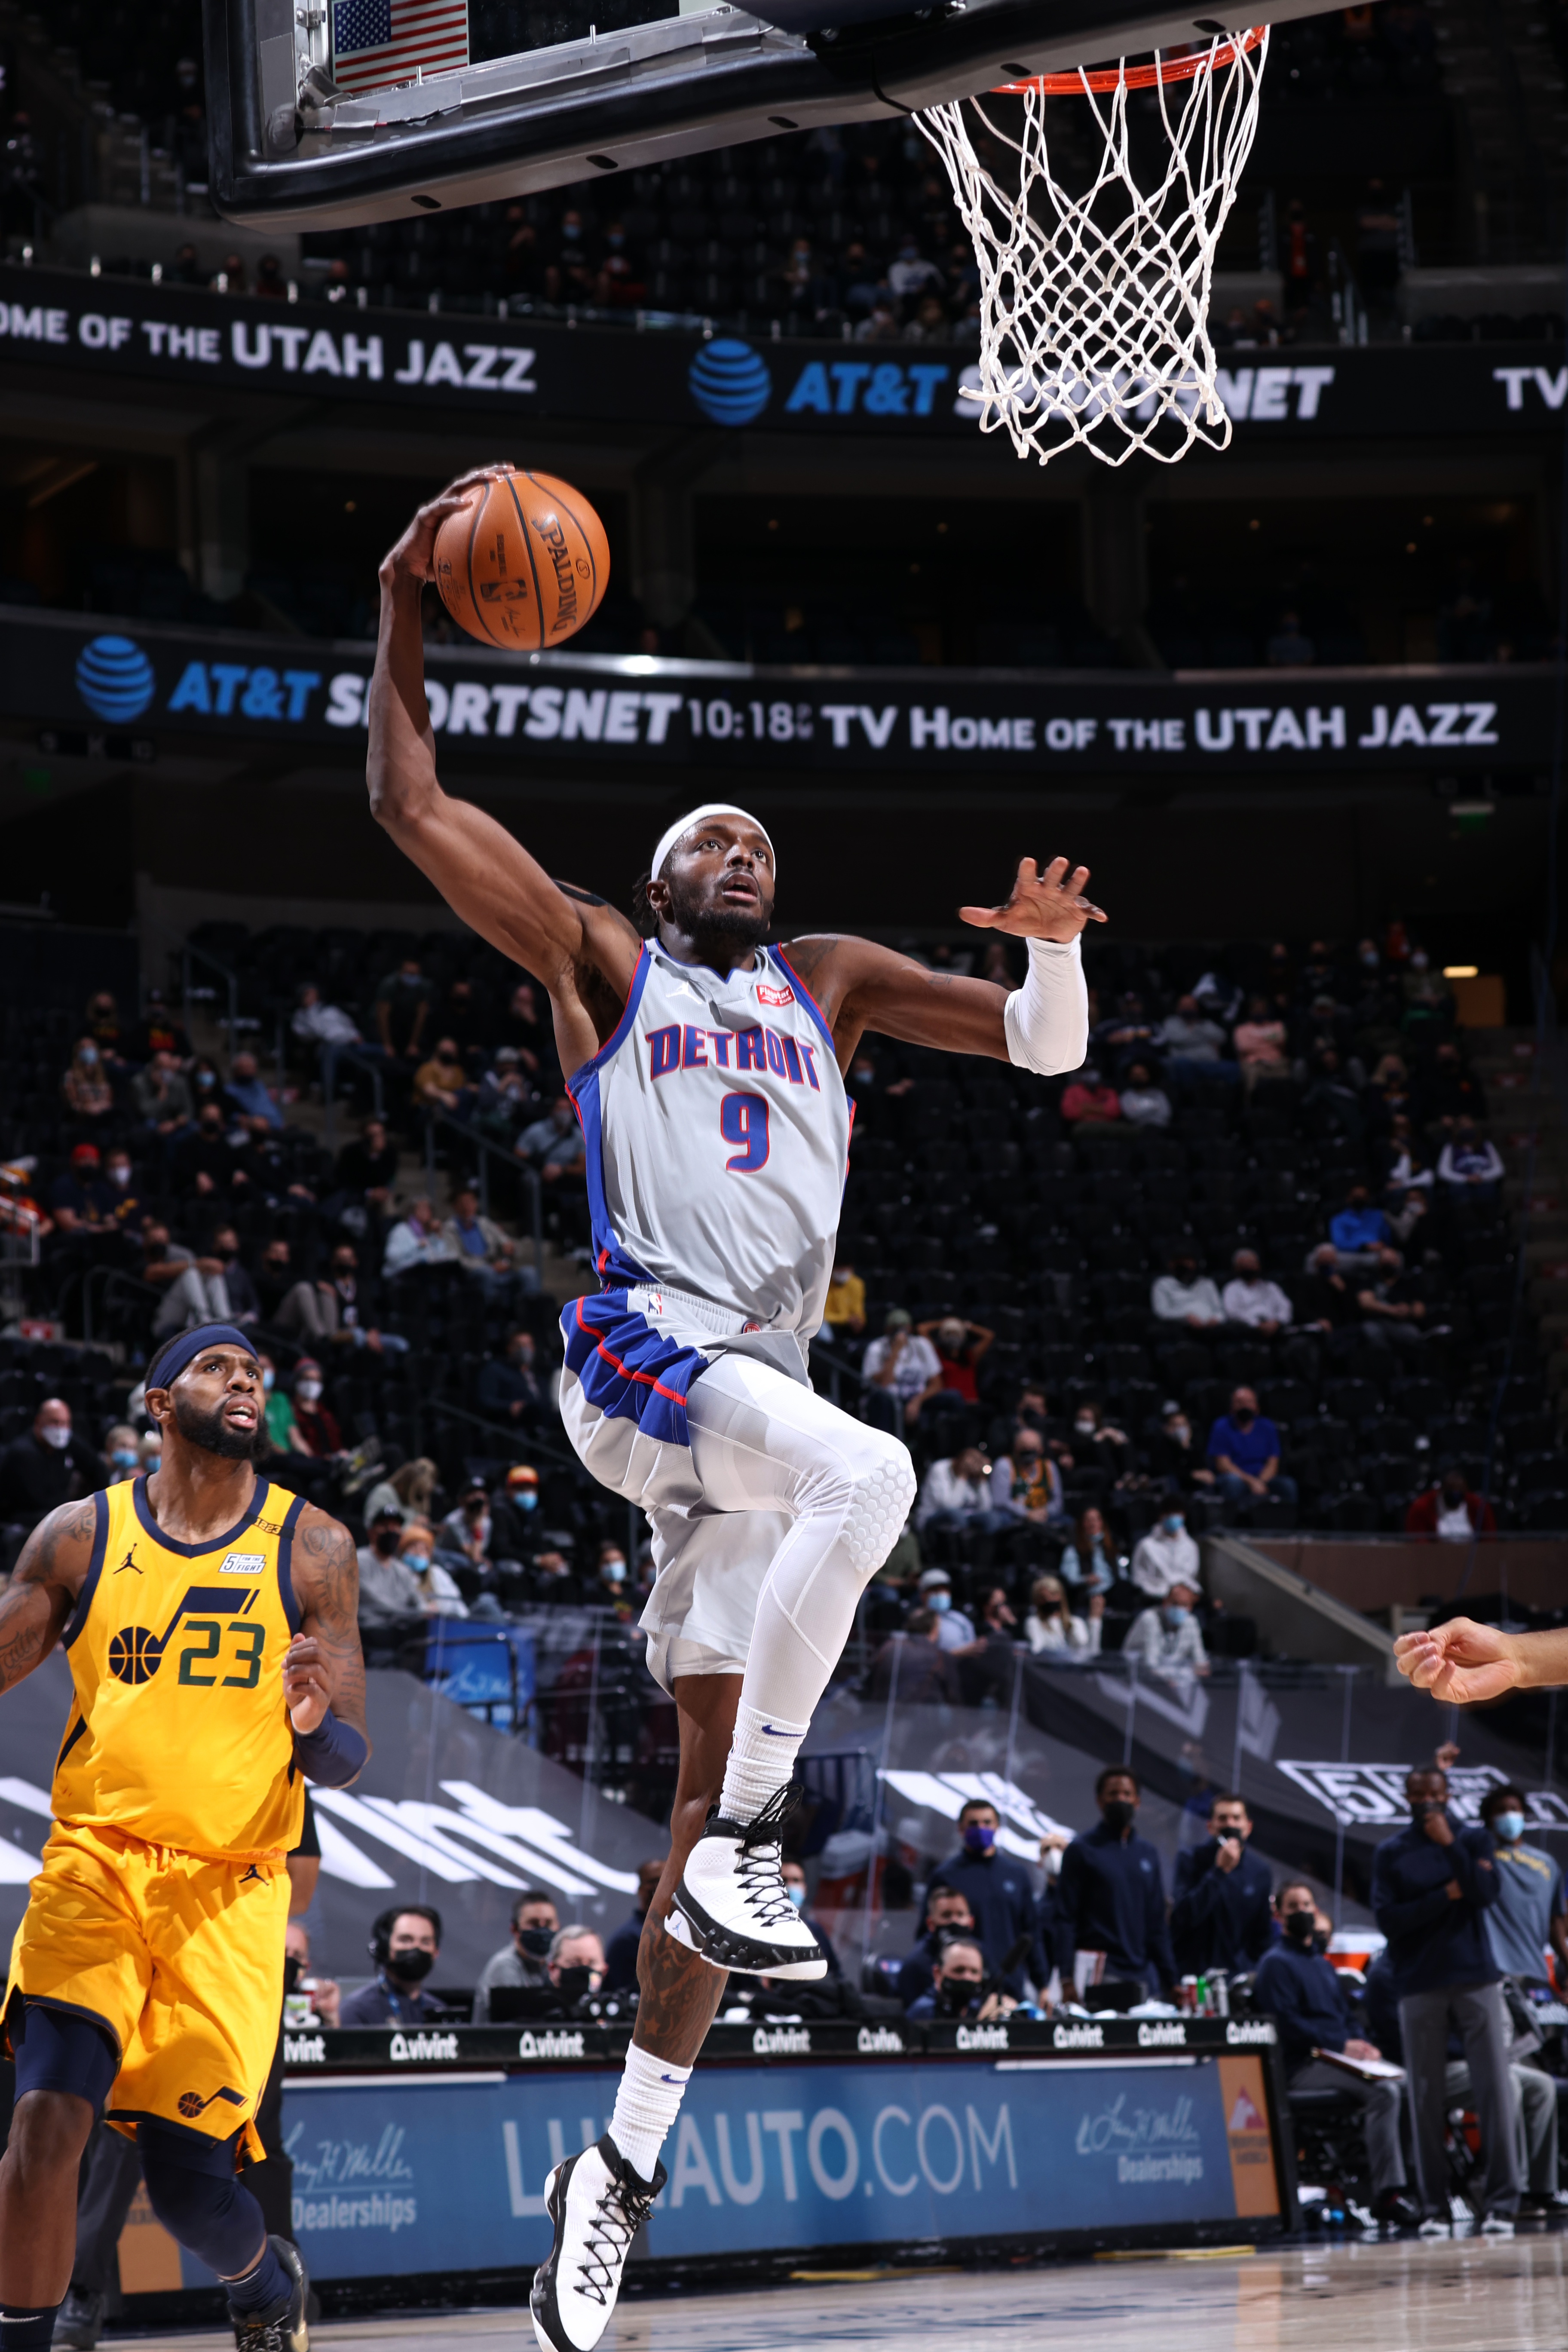 Detroit Pistons v Utah Jazz